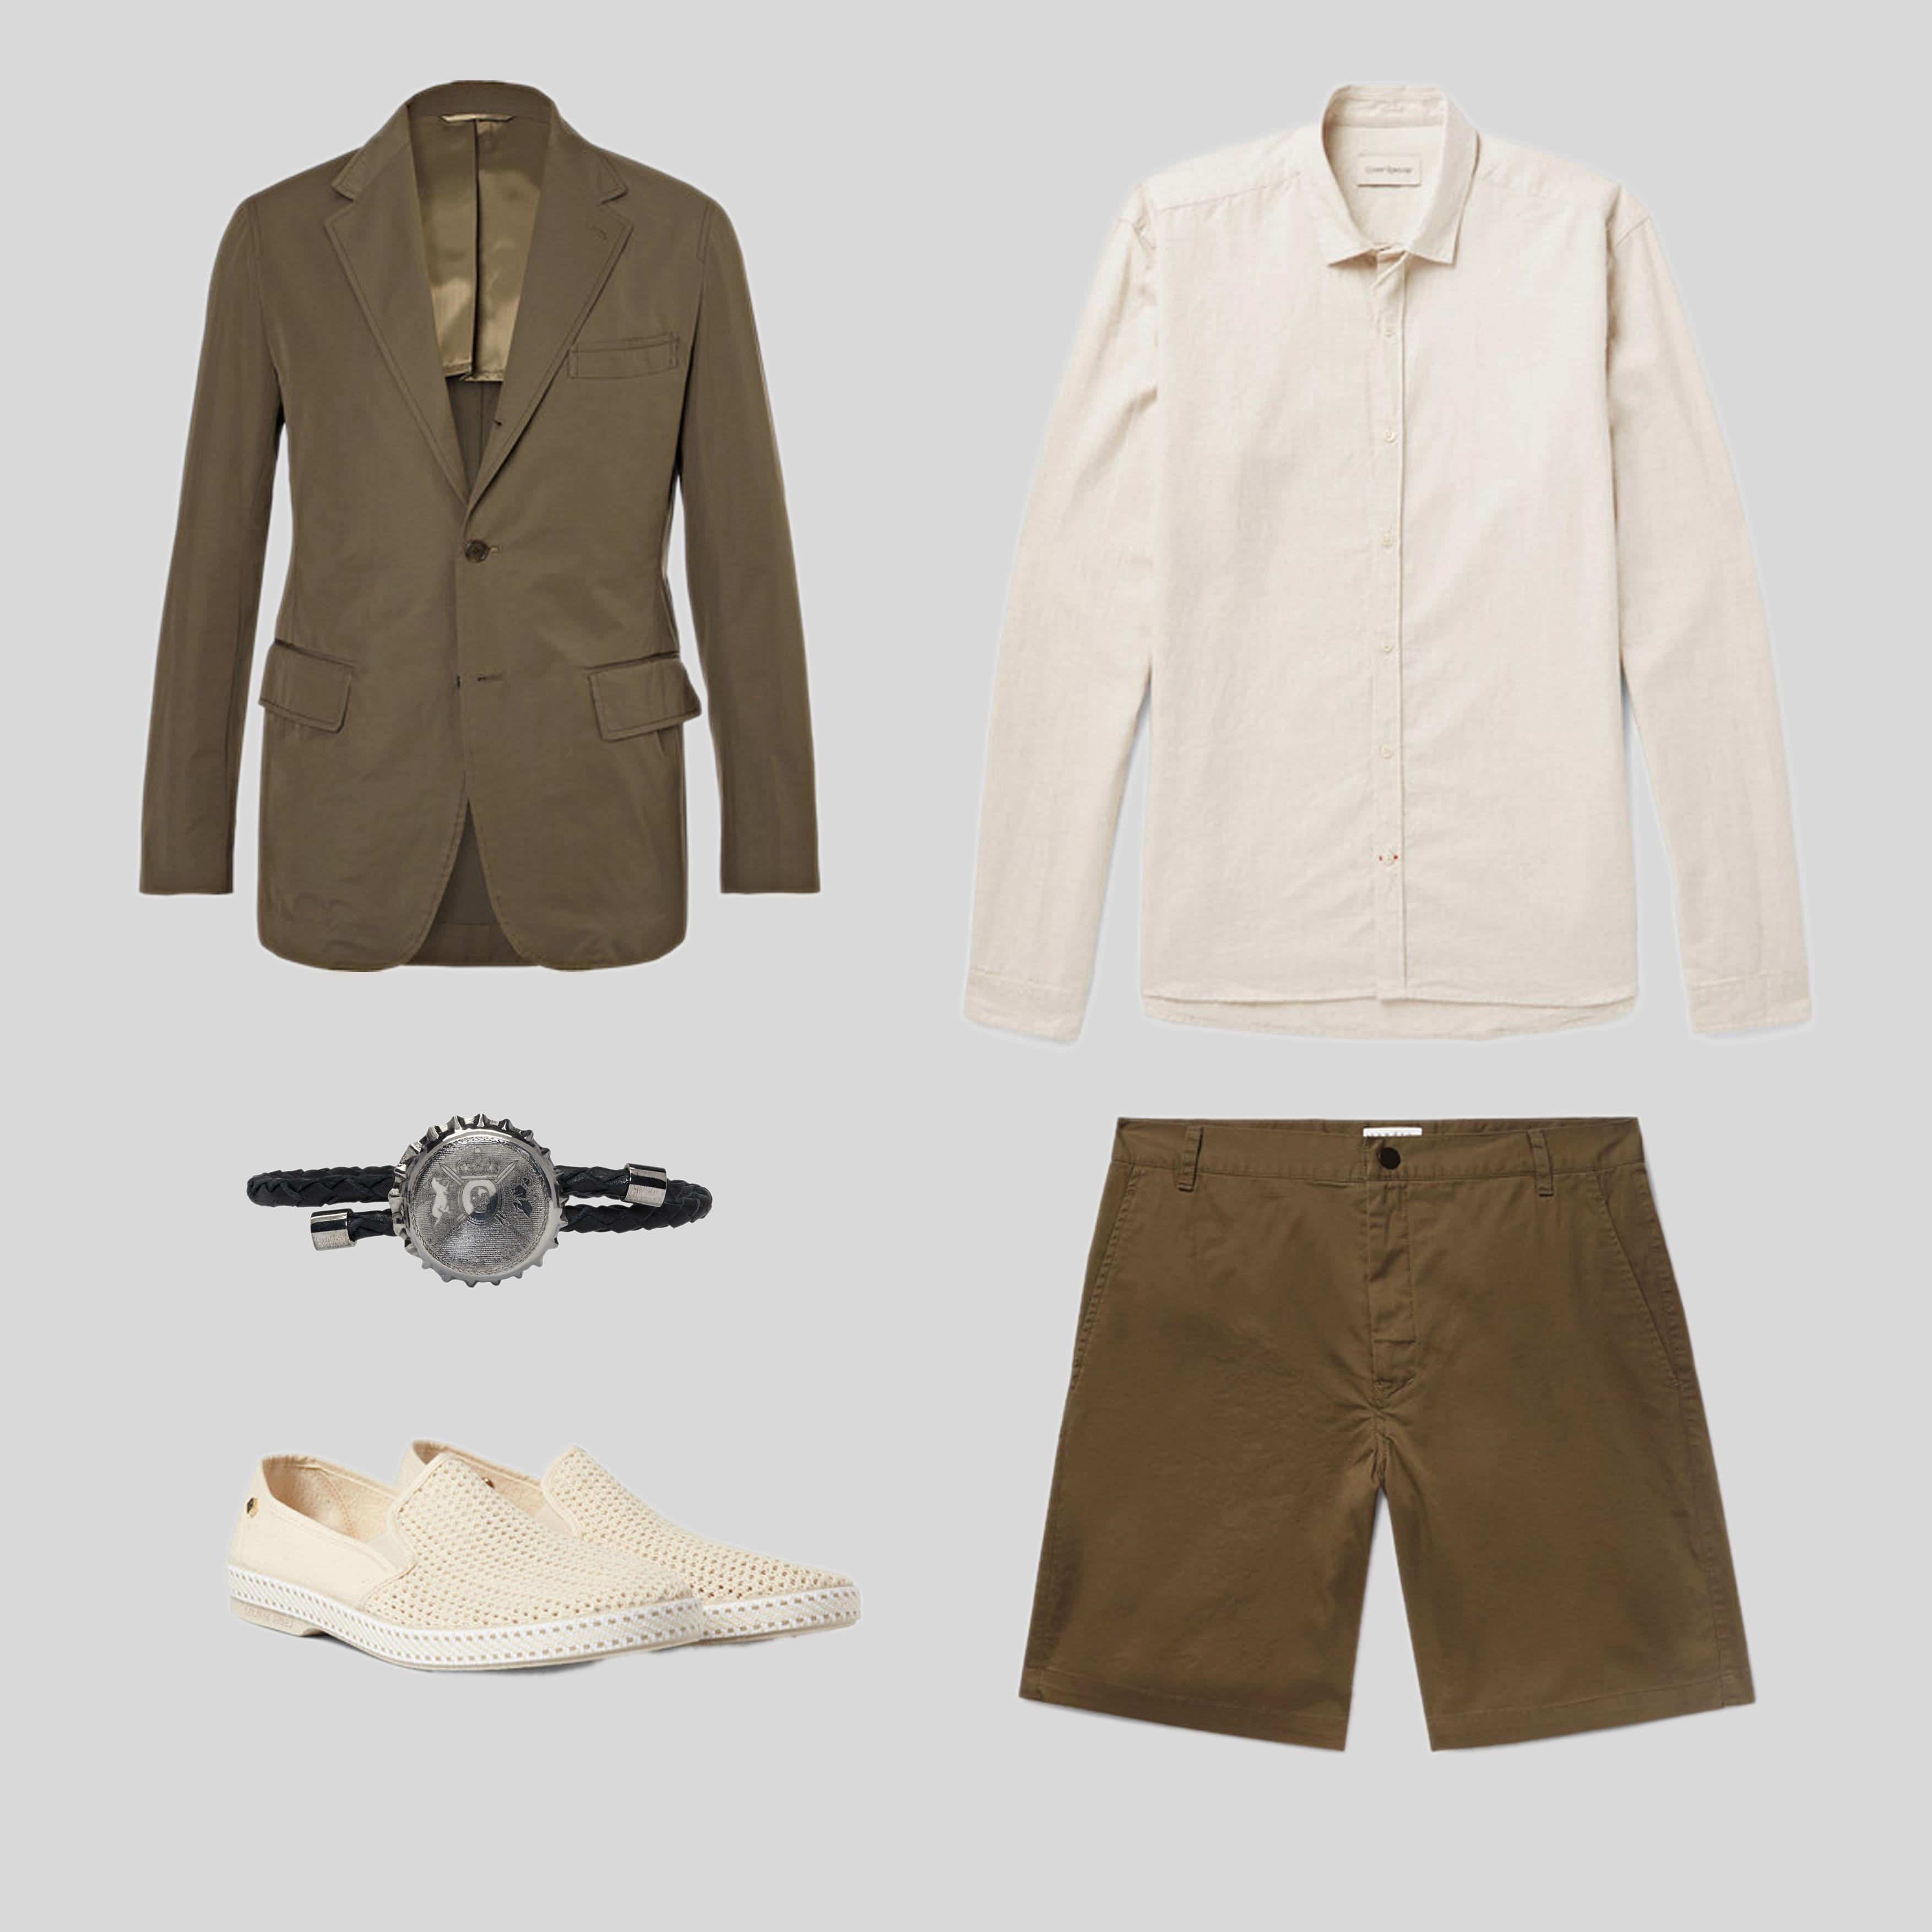 ELLE Man Style Calendar 'F5' phong cách với chiếc quần short đi biển. (4)